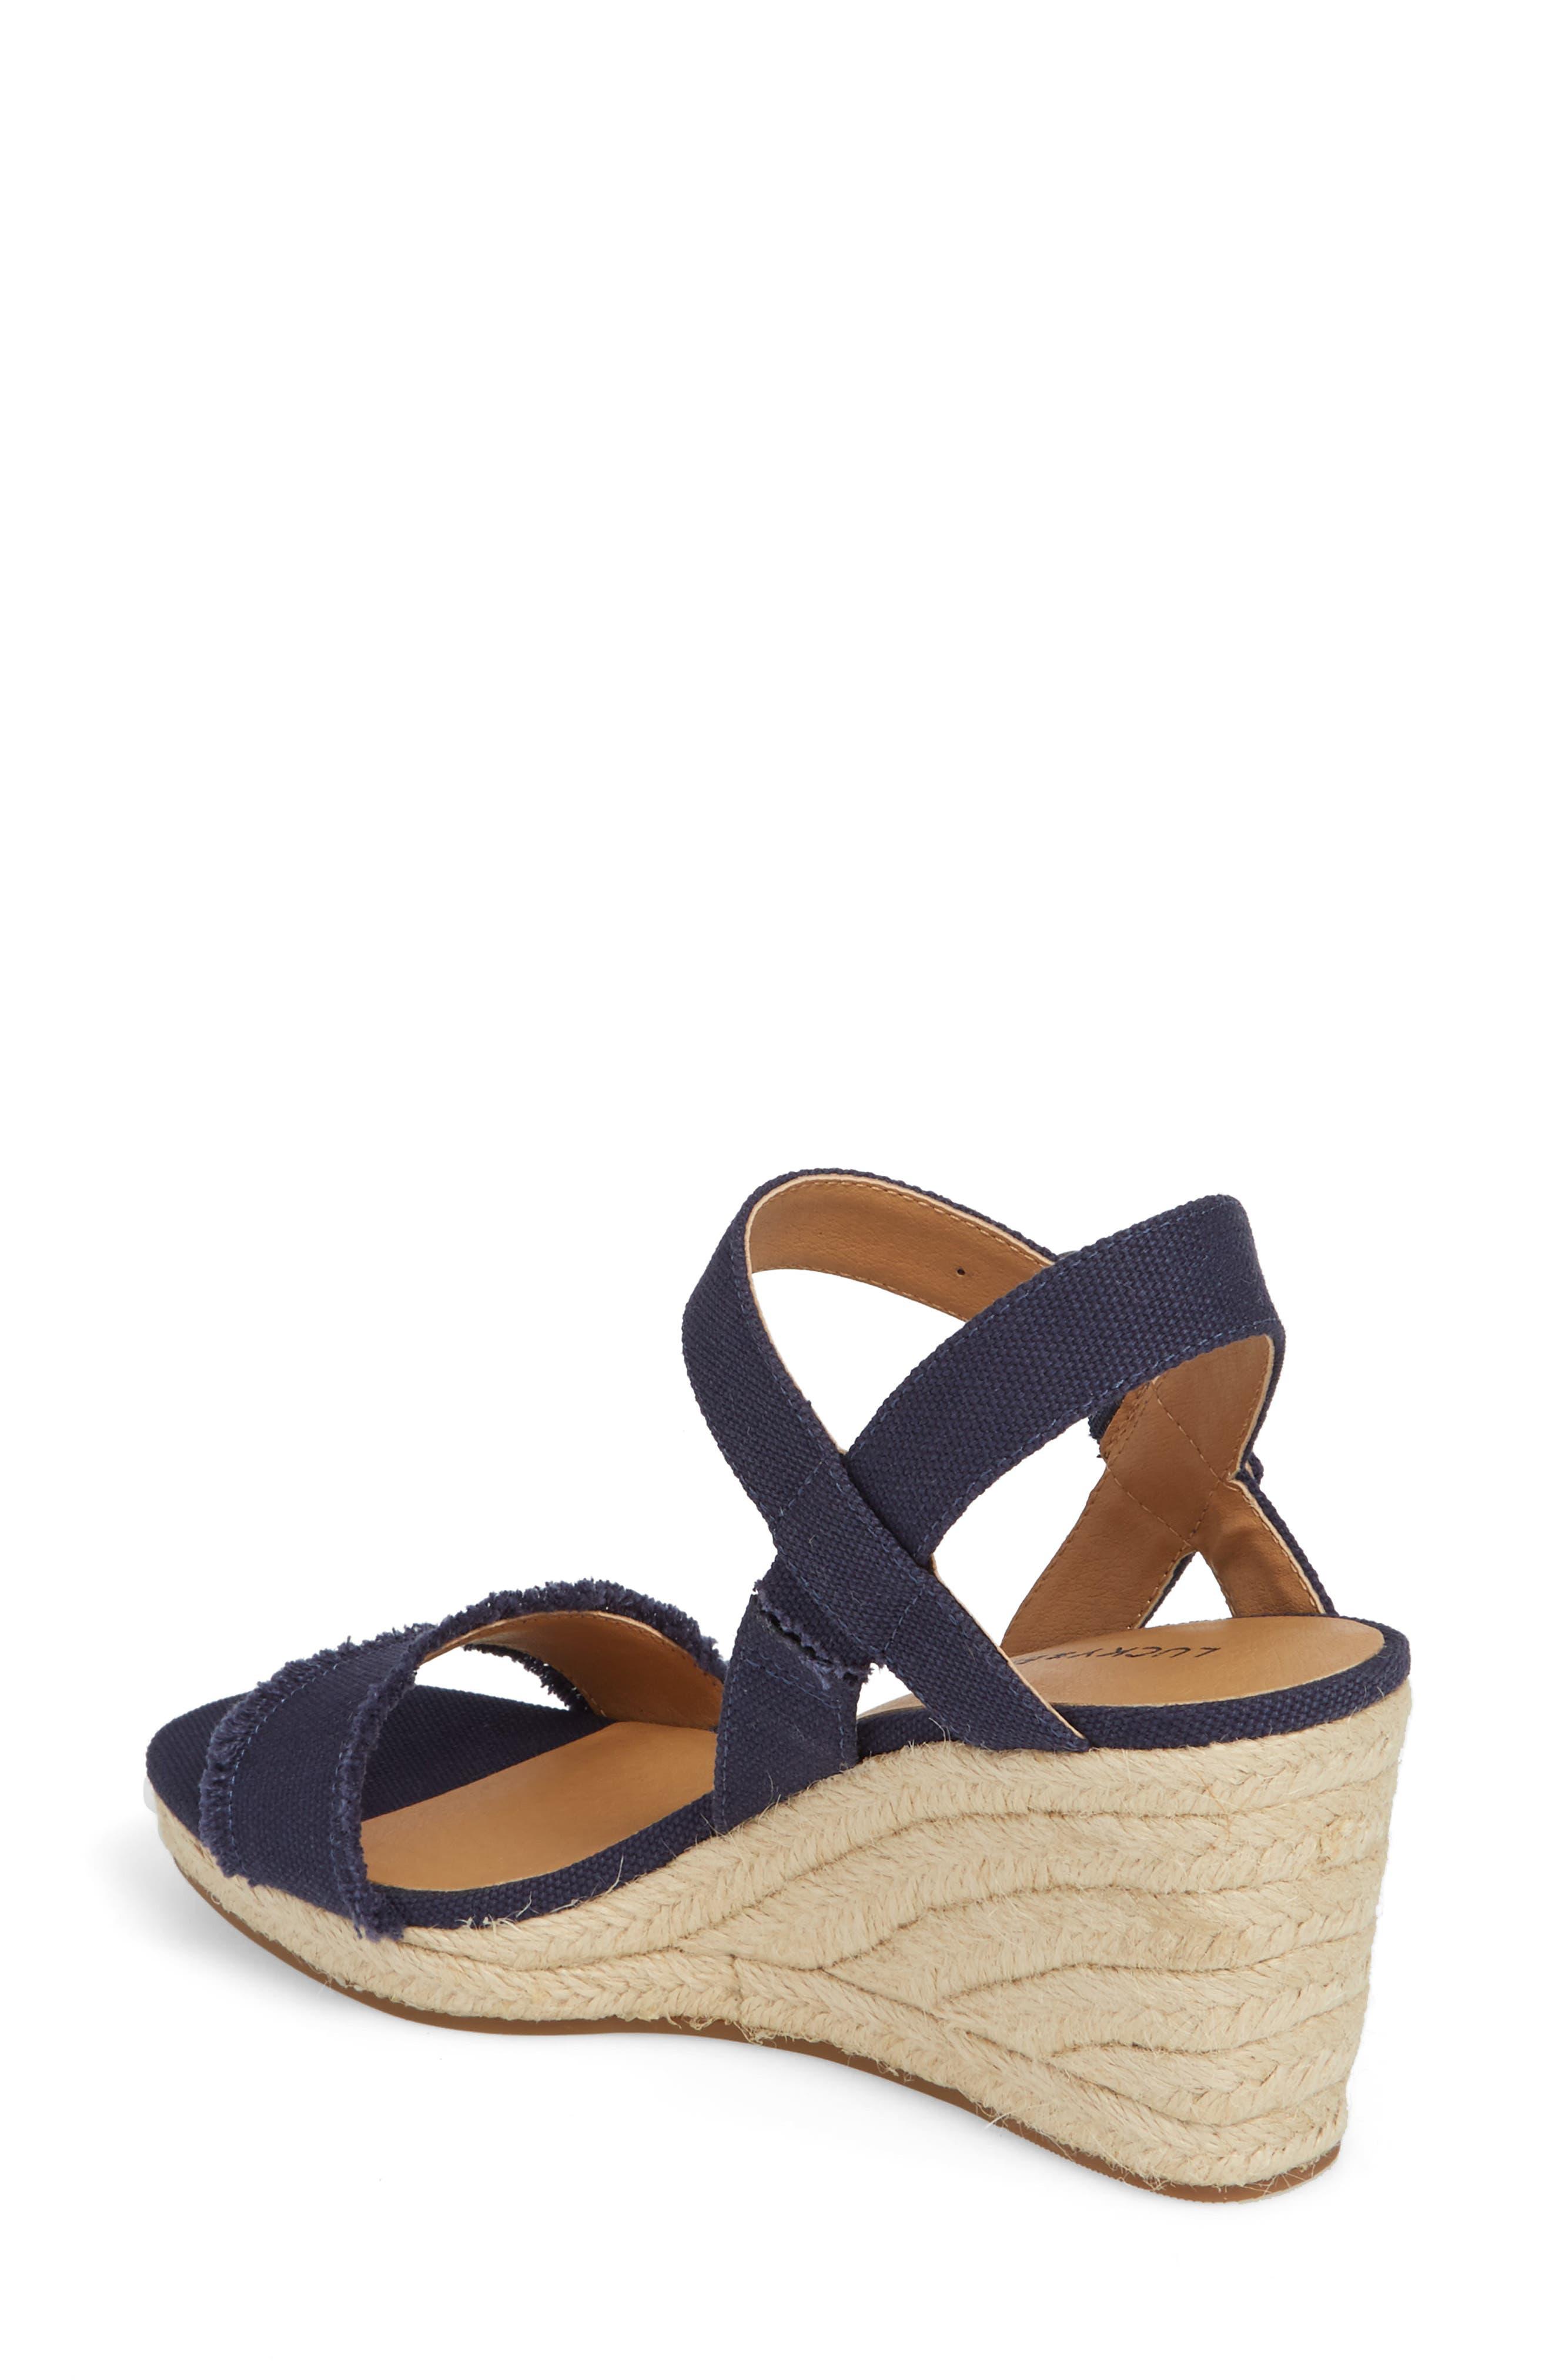 Marceline Squared Toe Wedge Sandal,                             Alternate thumbnail 11, color,